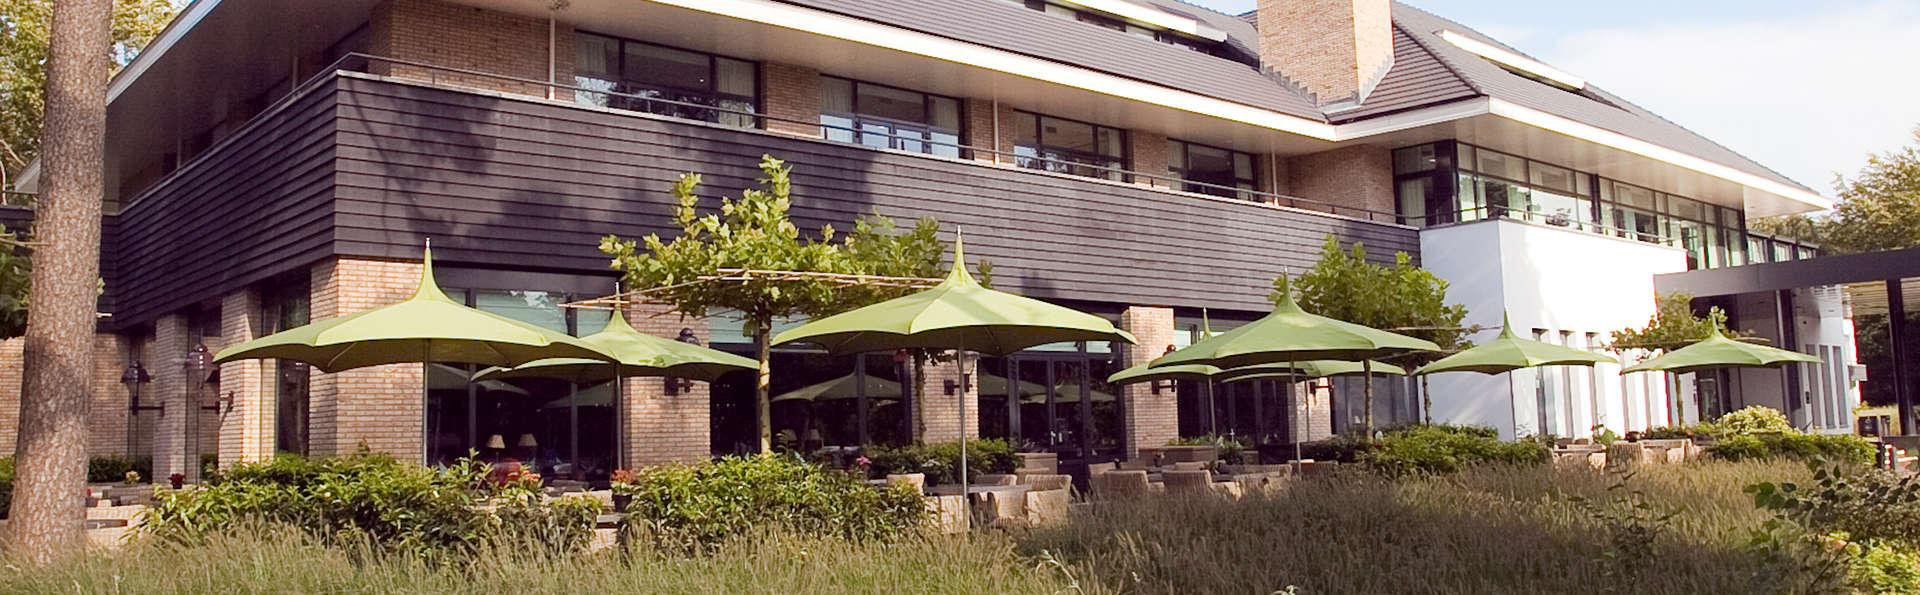 Van der Valk hotel Harderwijk - EDIT_front1.jpg